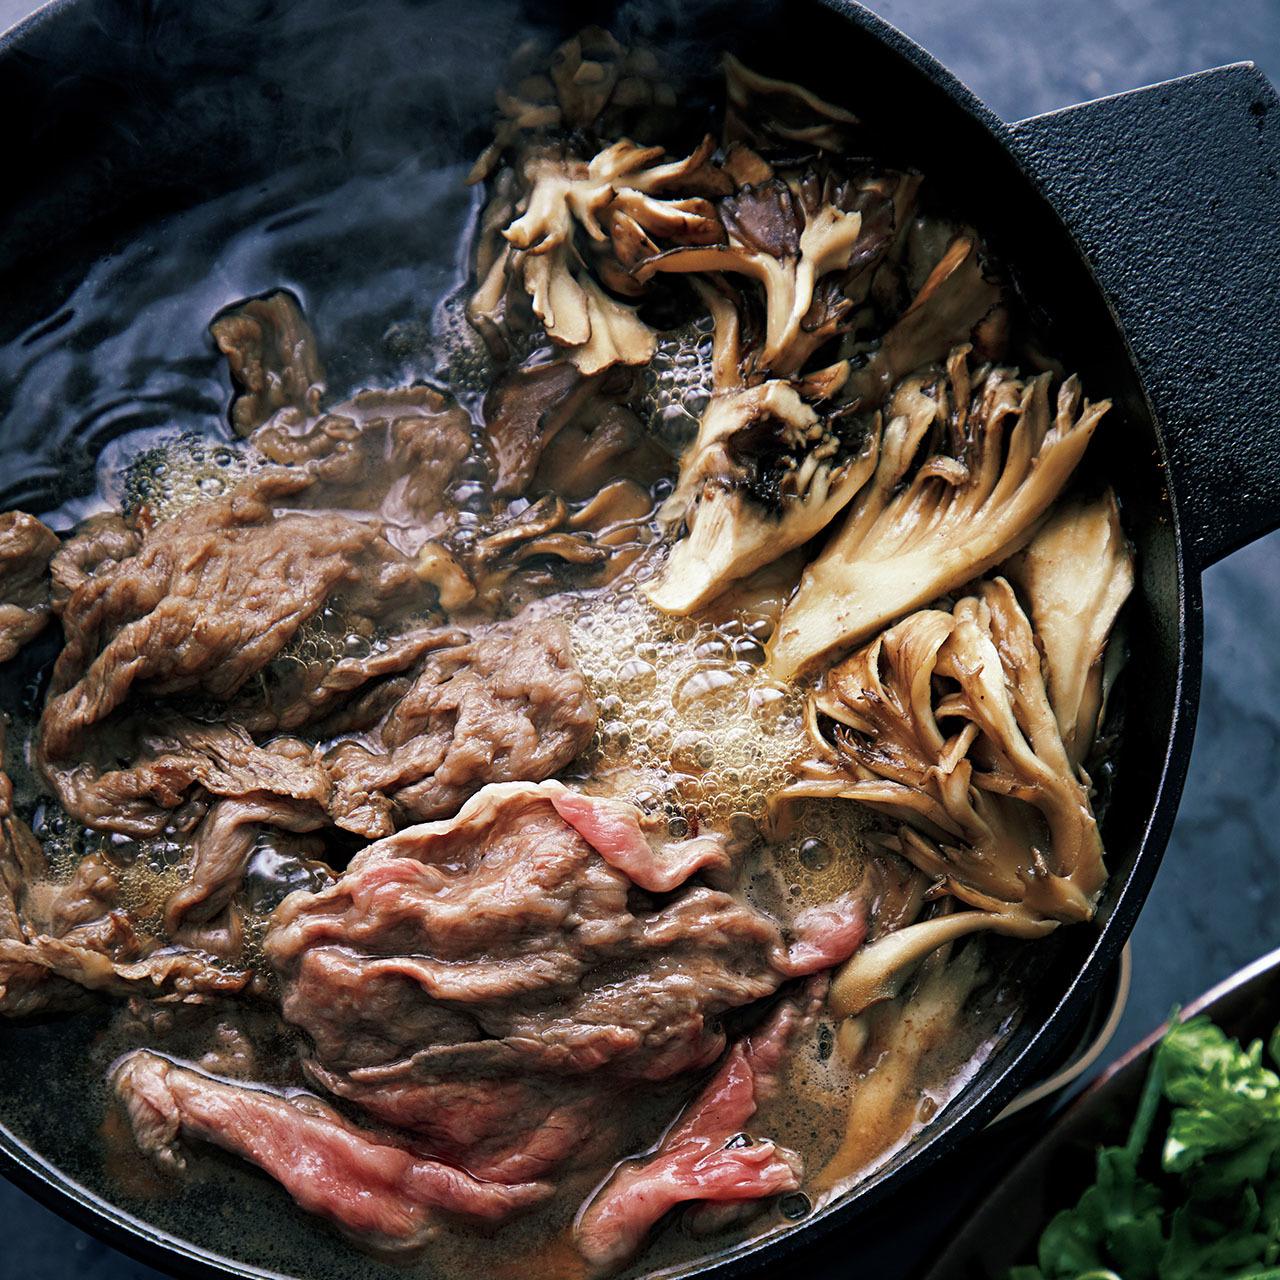 料理家・堤人美さんが提案! 冬野菜が美味しい鍋レシピ 五選_1_1-2